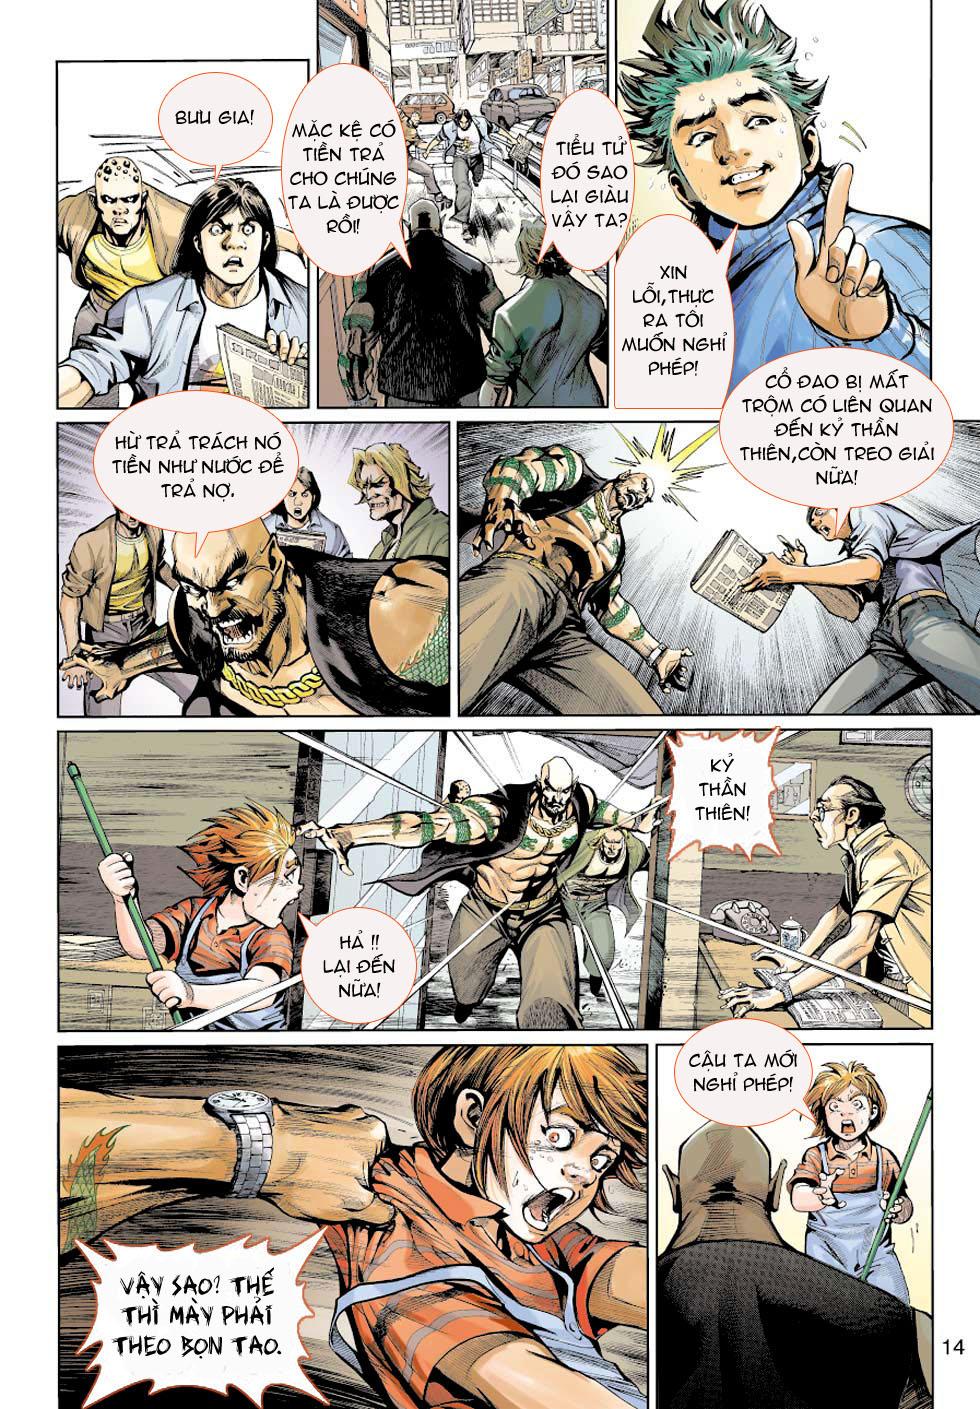 Thần Binh 4 chap 5 - Trang 14